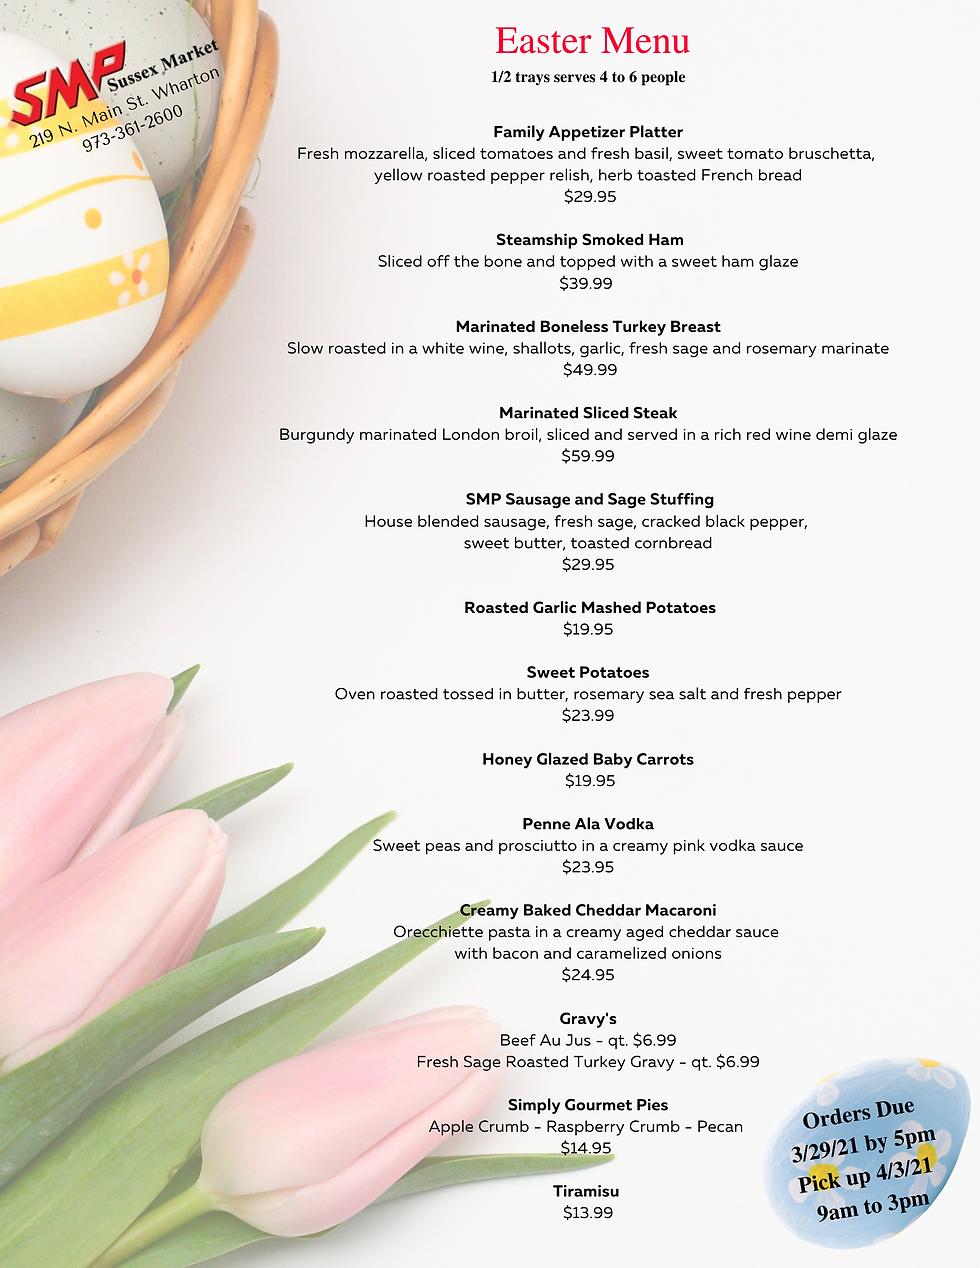 Easter Menu Website 2021.png